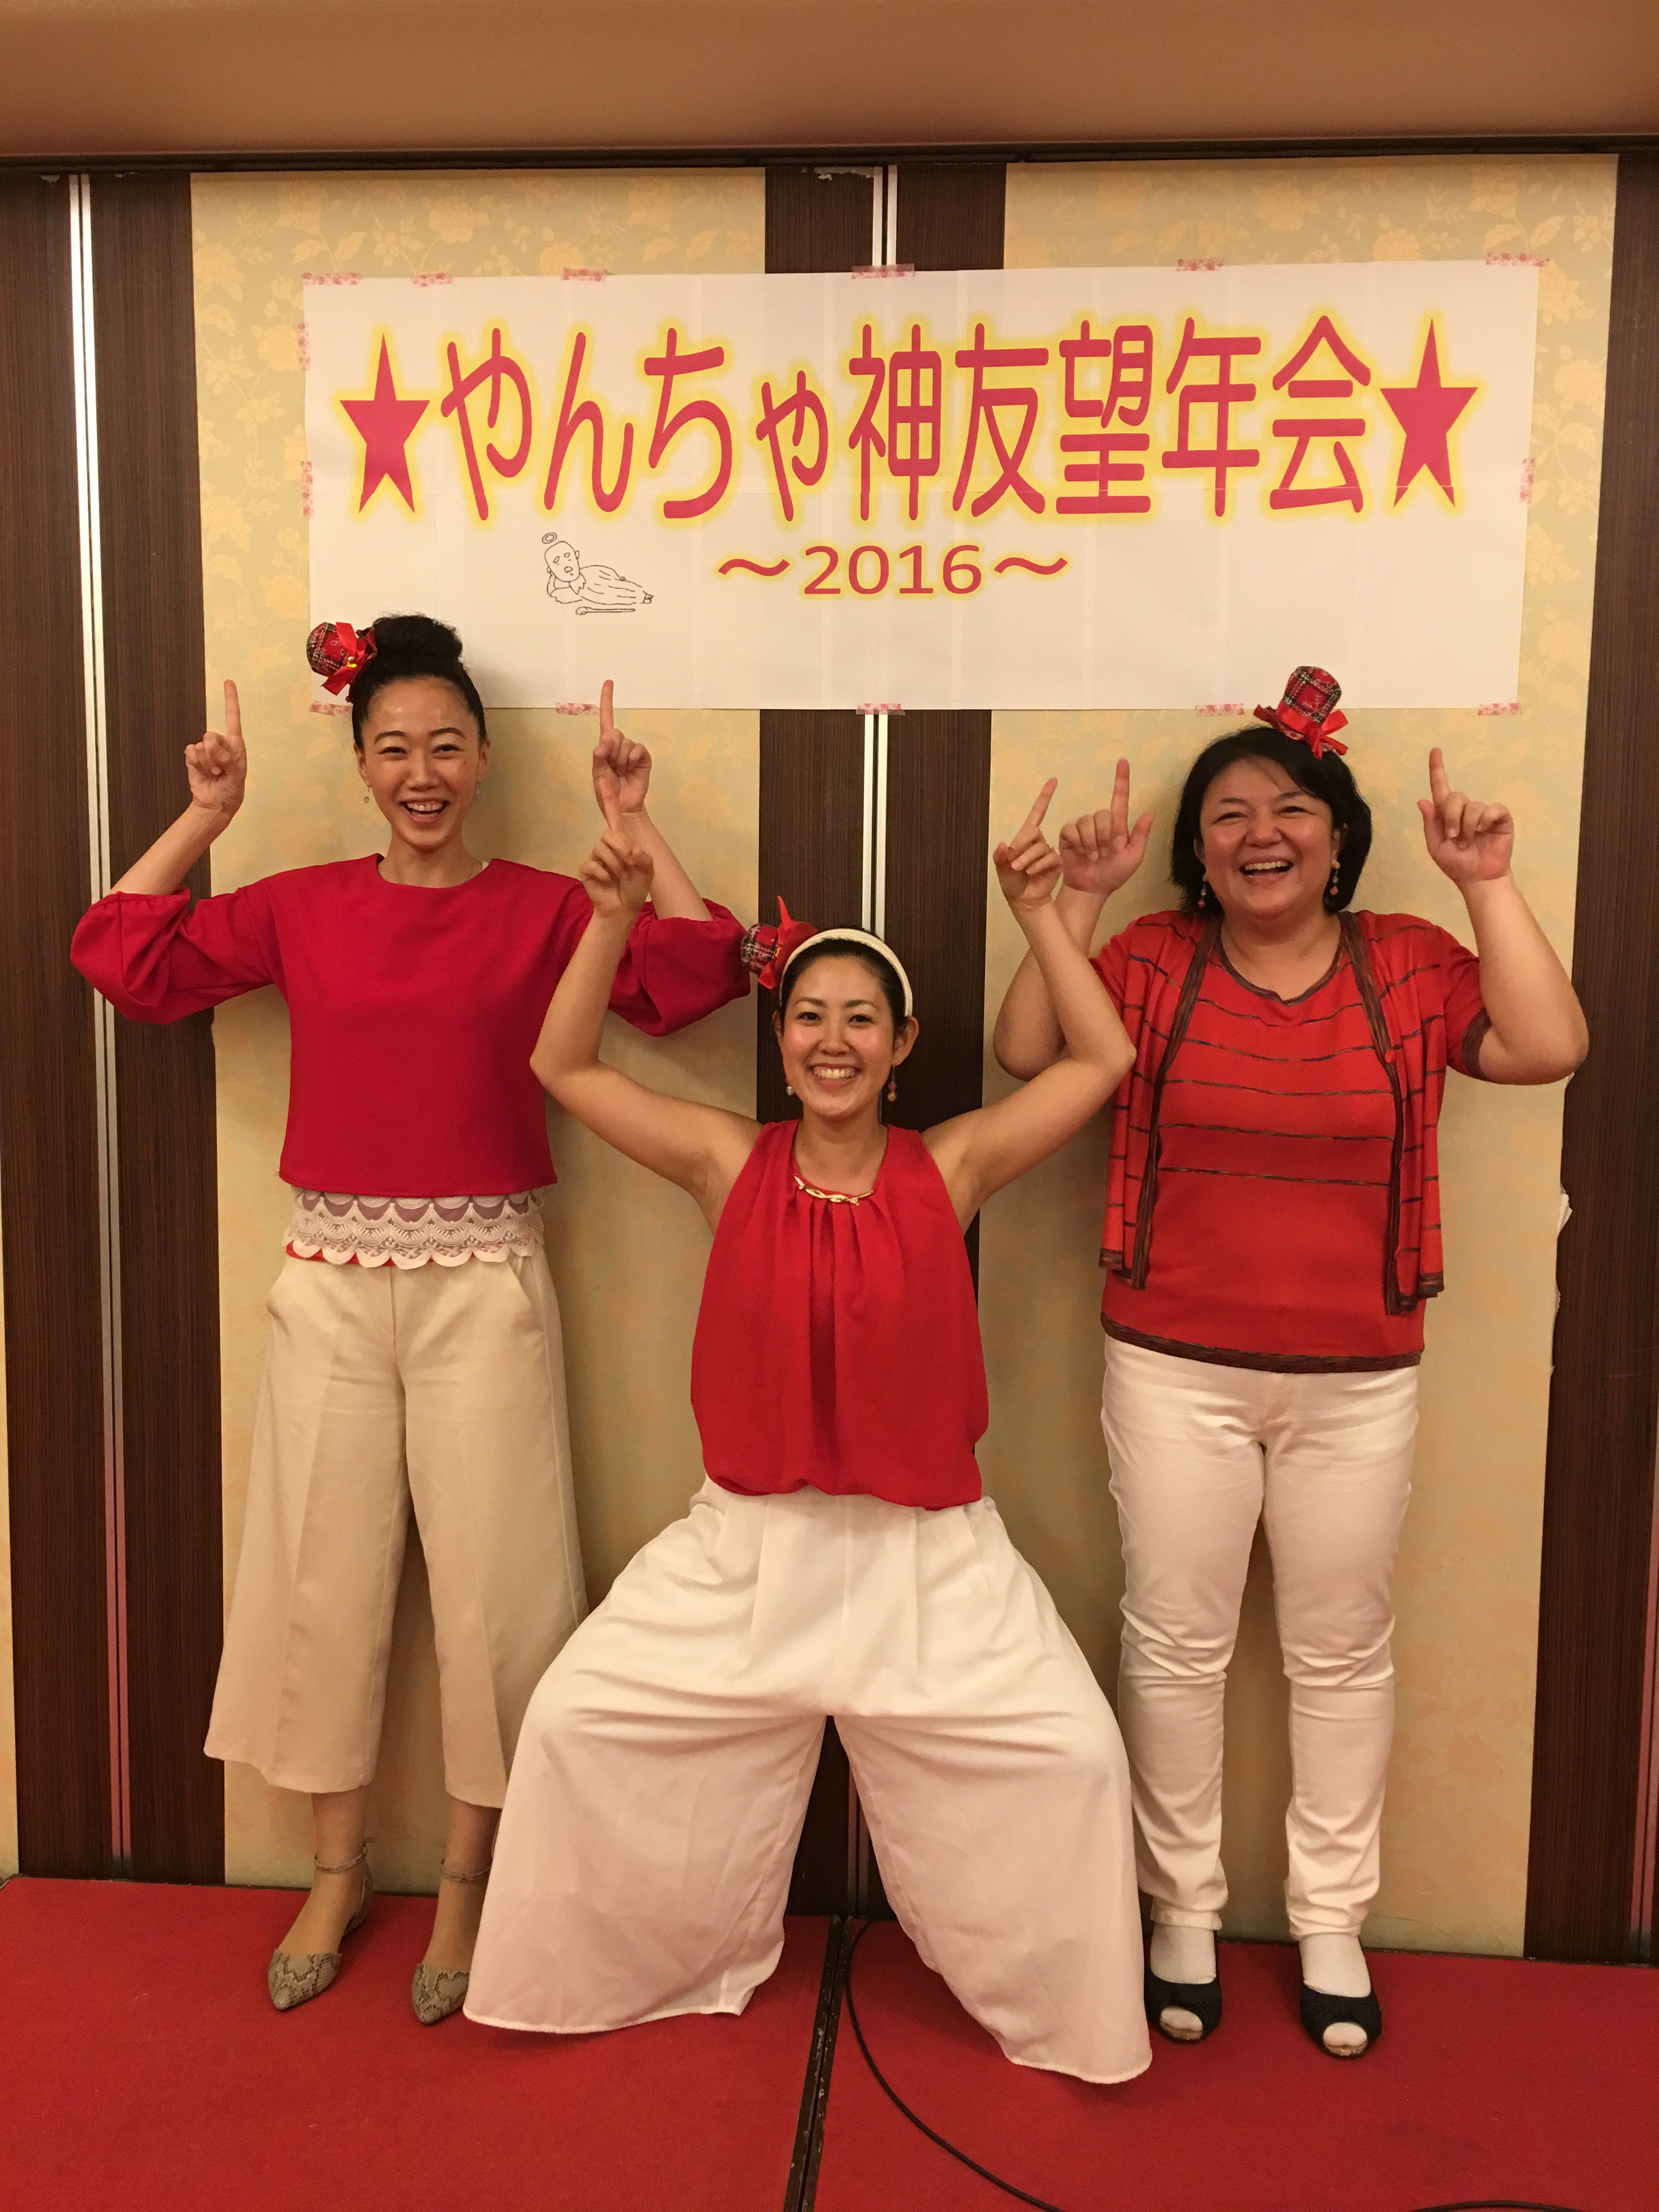 沖縄の人間学の生徒さん中心となってます。 ほぼ、10年来の生徒さん 20日前に望年会決まり 円隣スタッフはほぼ愛の?強制参加です。笑